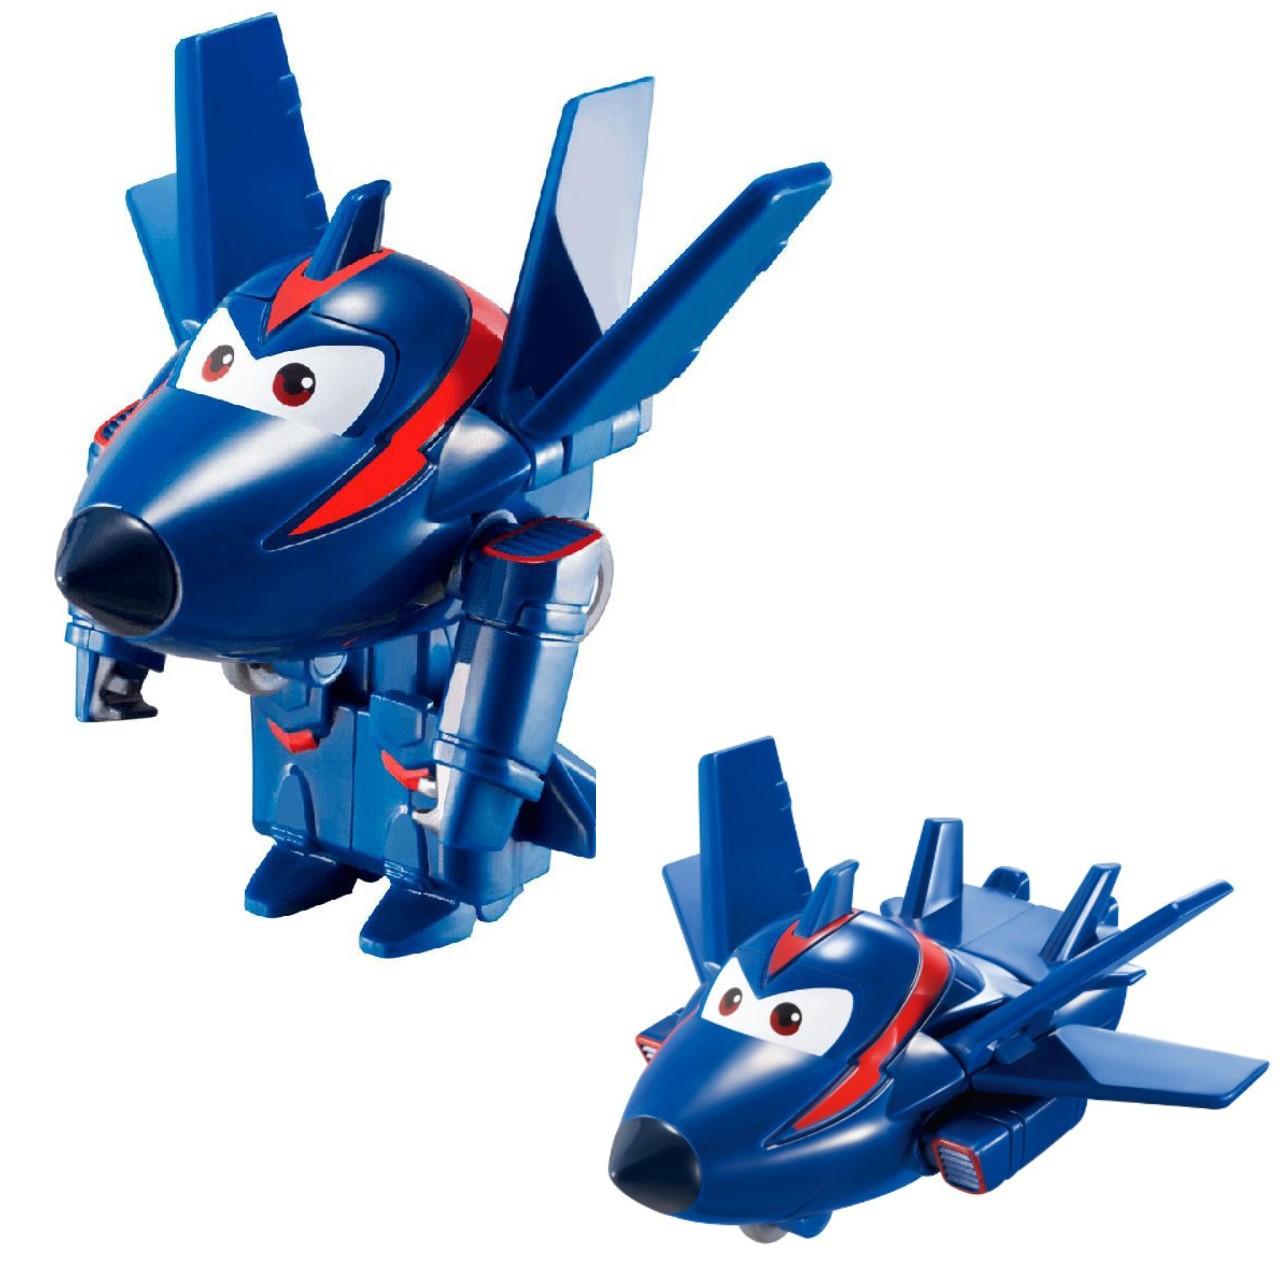 Super Wings Agente Chace - Boneco Transformável 6cm - Fun